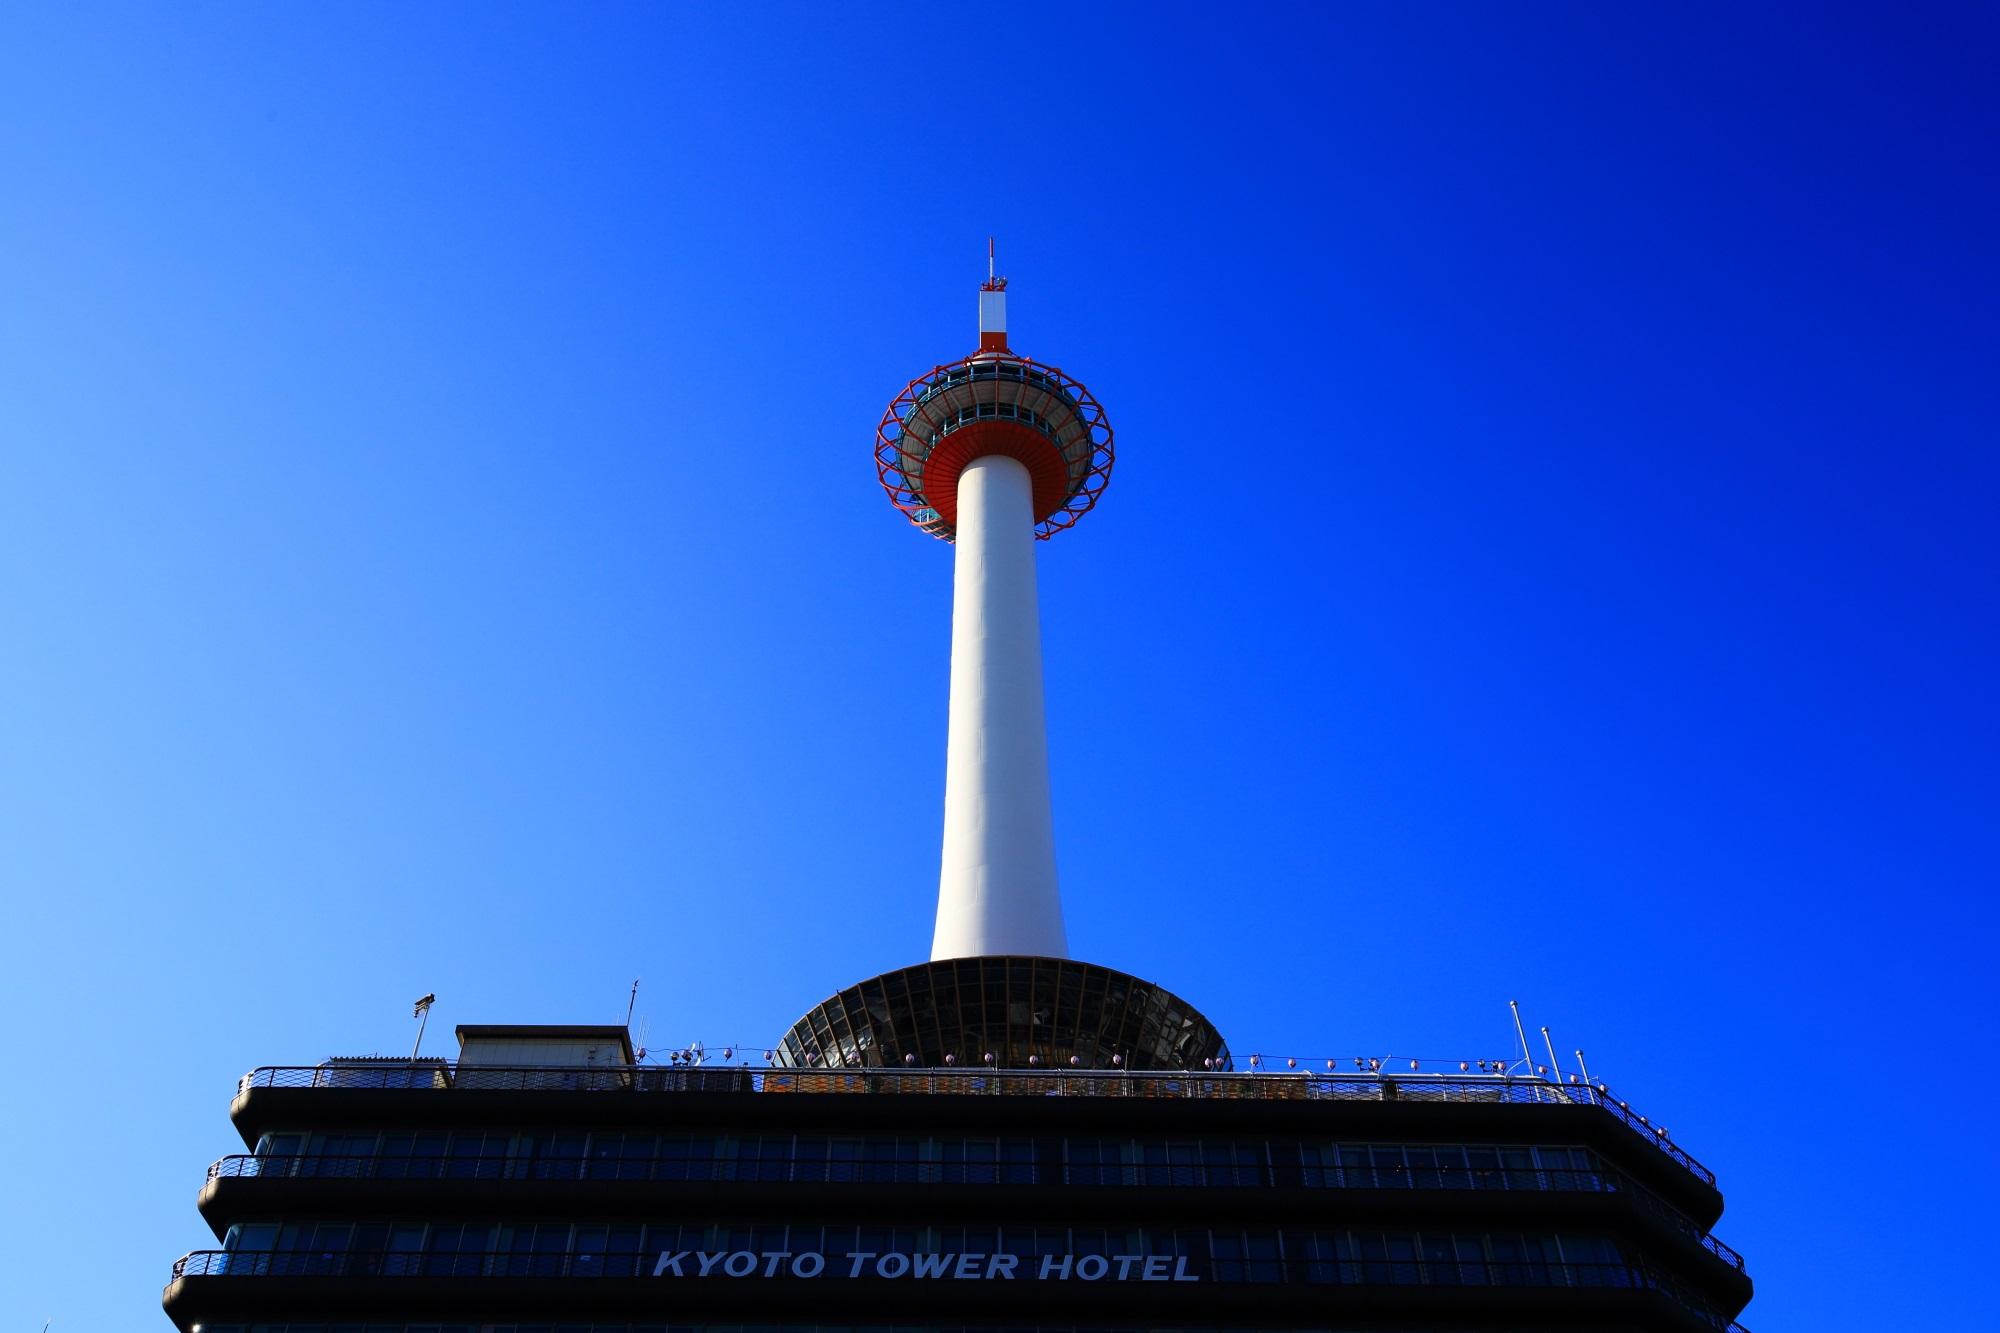 京都タワー 高画質 写真 青空 綺麗